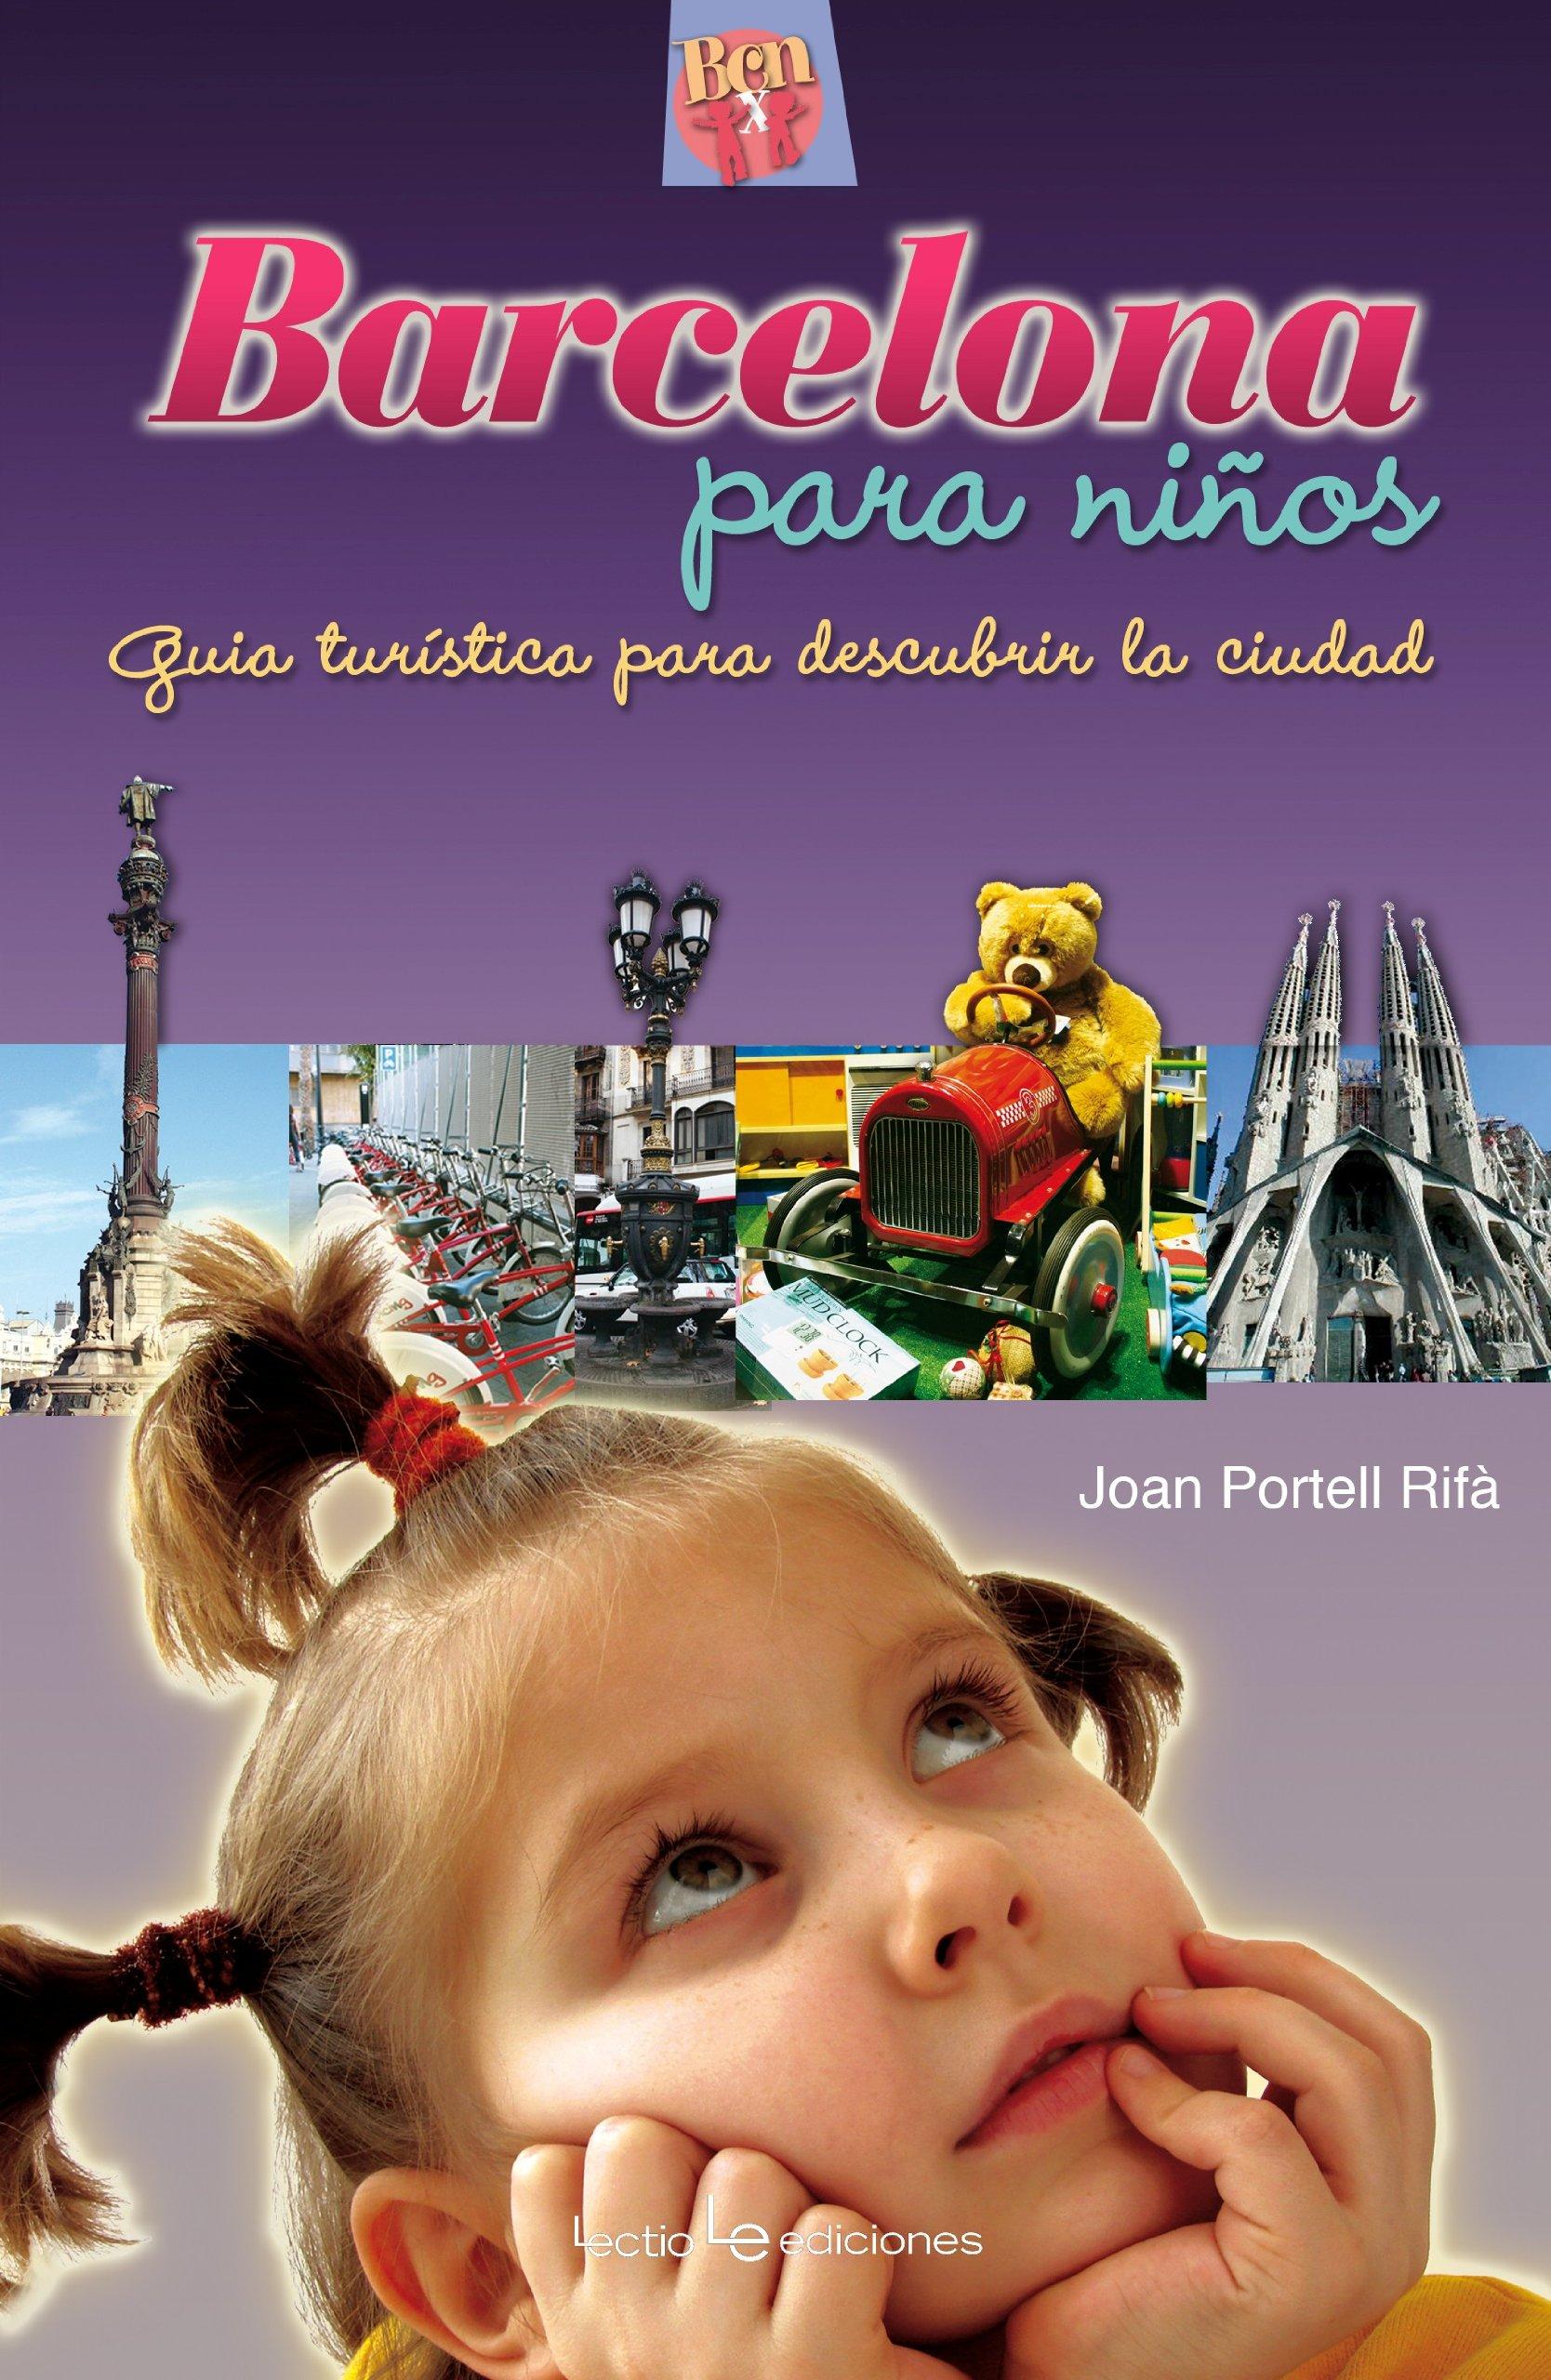 Barcelona para ninos: Guia turistica para descubrir la ciudad (Ciudades para ninos) (Spanish Edition)